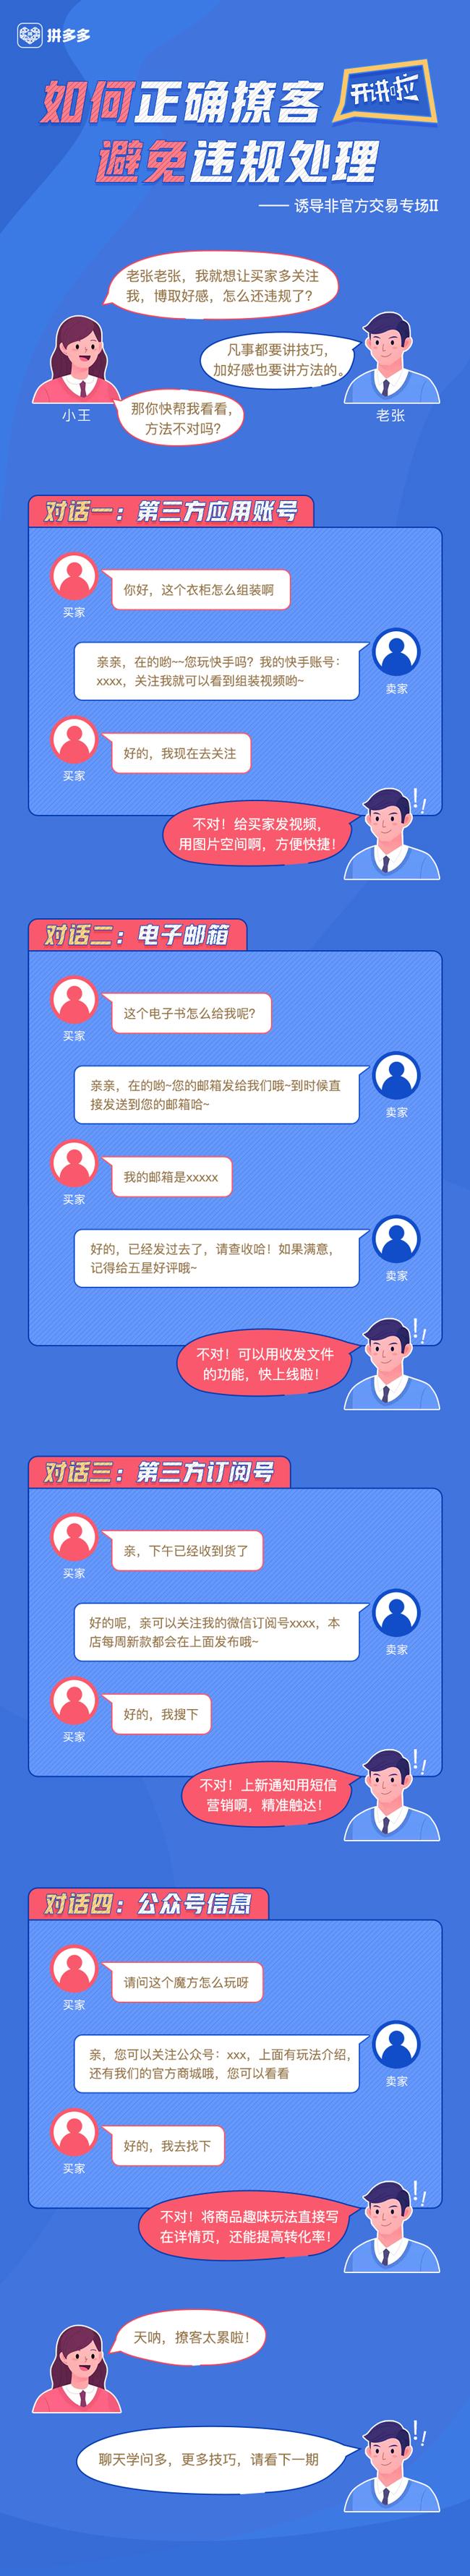 拼多多诱导非官方交易:正确撩客,避免违规处理(中)